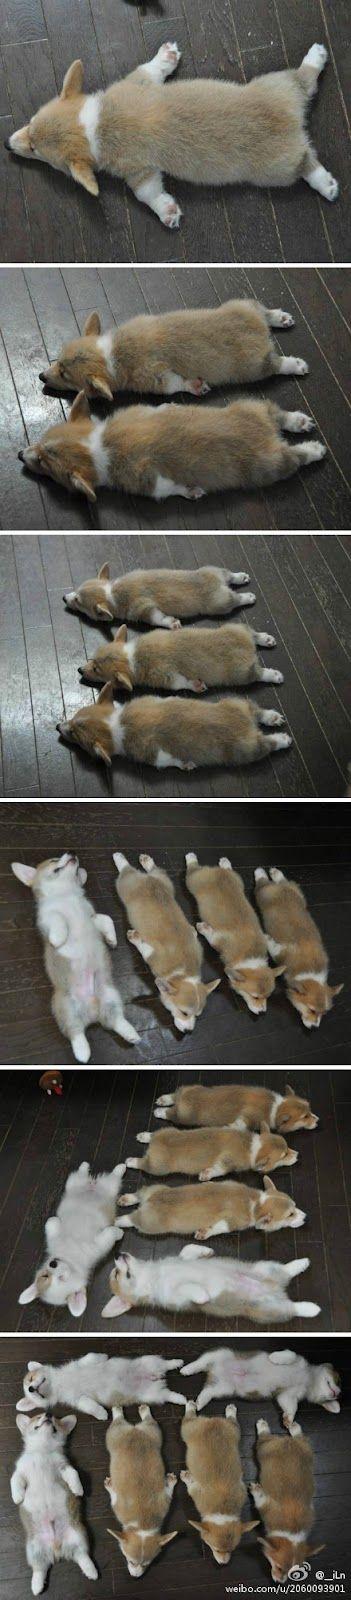 Cute sleeping corgi puppies...I want oneee